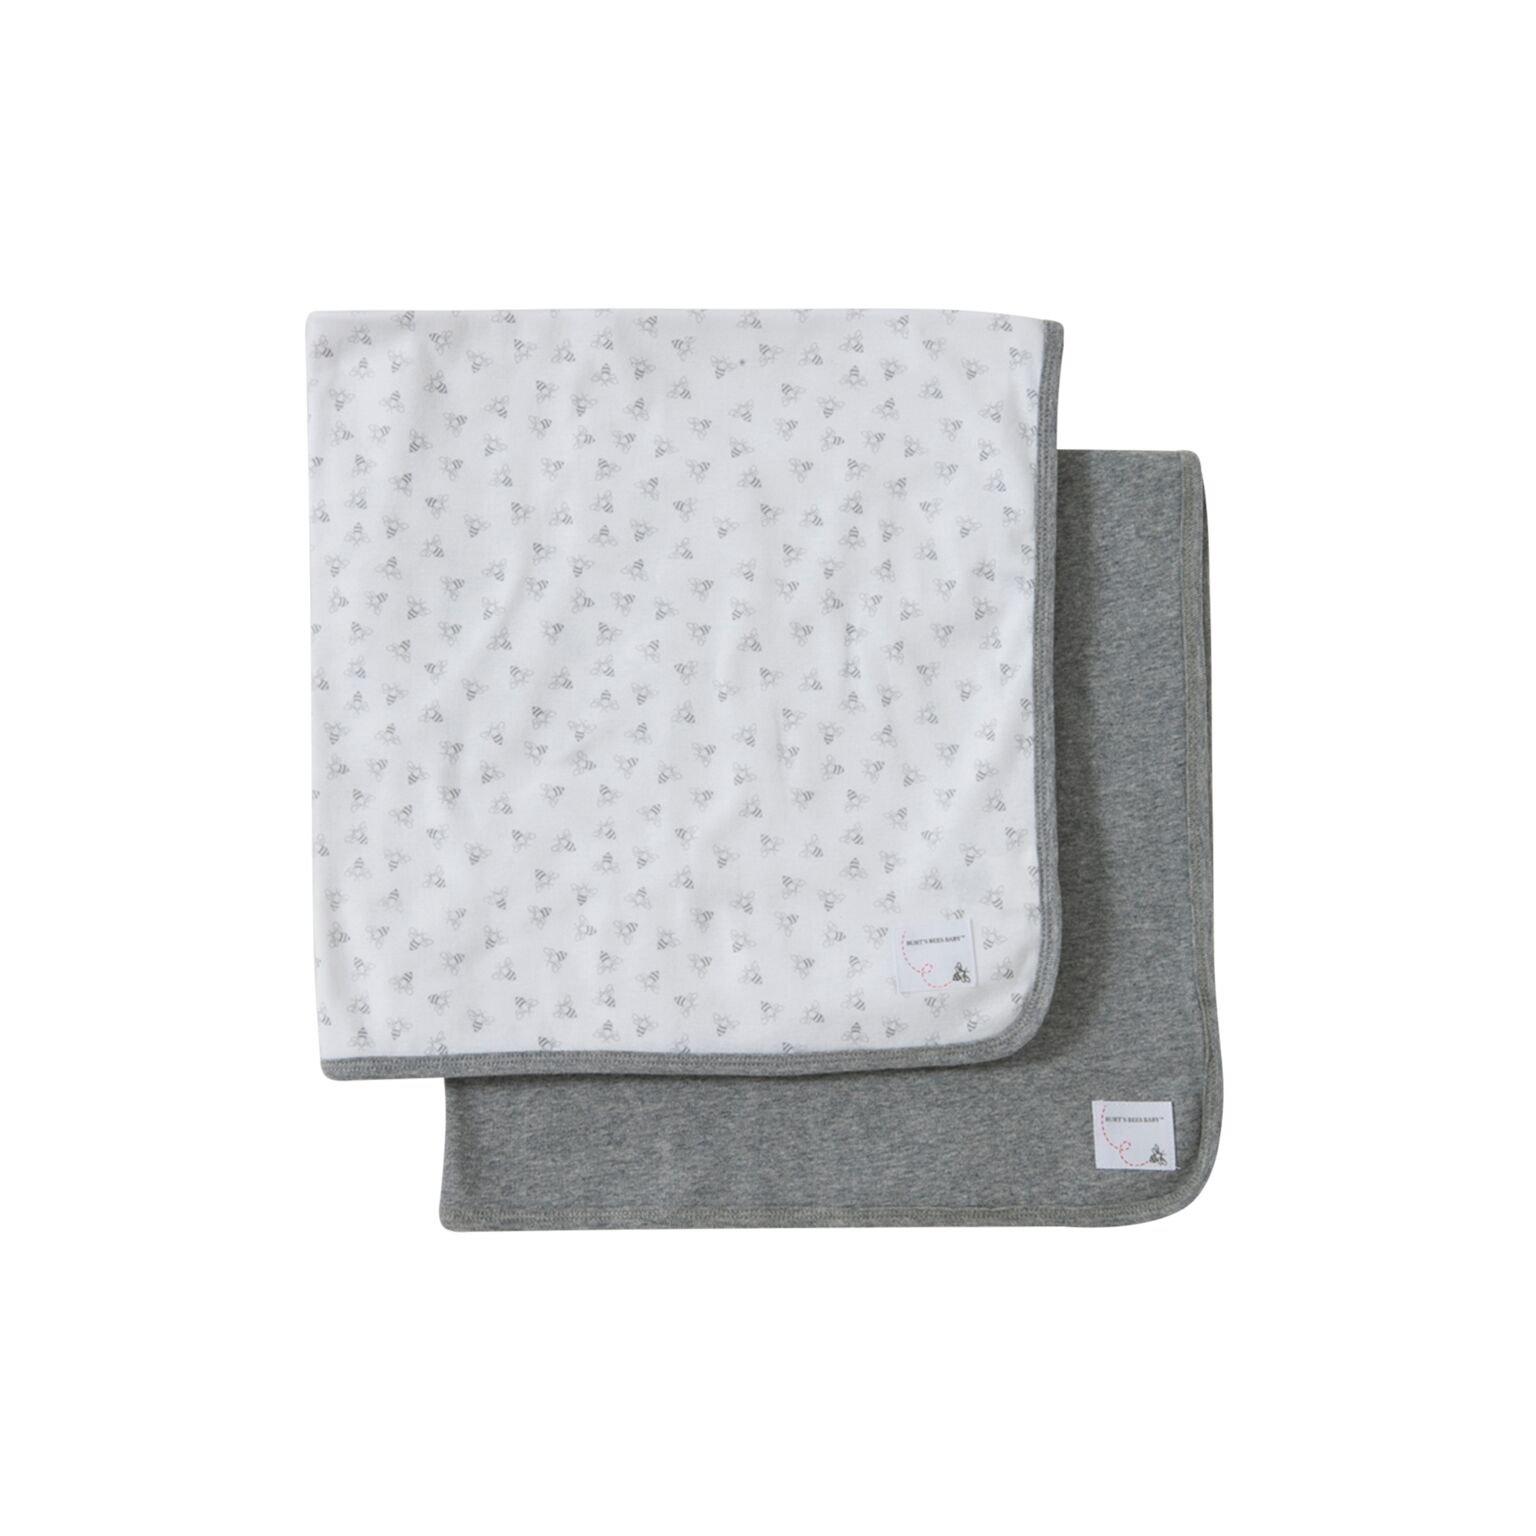 Burt's Bees Baby - Baby Blankets, Set of 2, 100% Organic Cotton Bee Essentials 1 Ply Blankets (1 Solid + 1 Honeybee Print, Heather Grey)